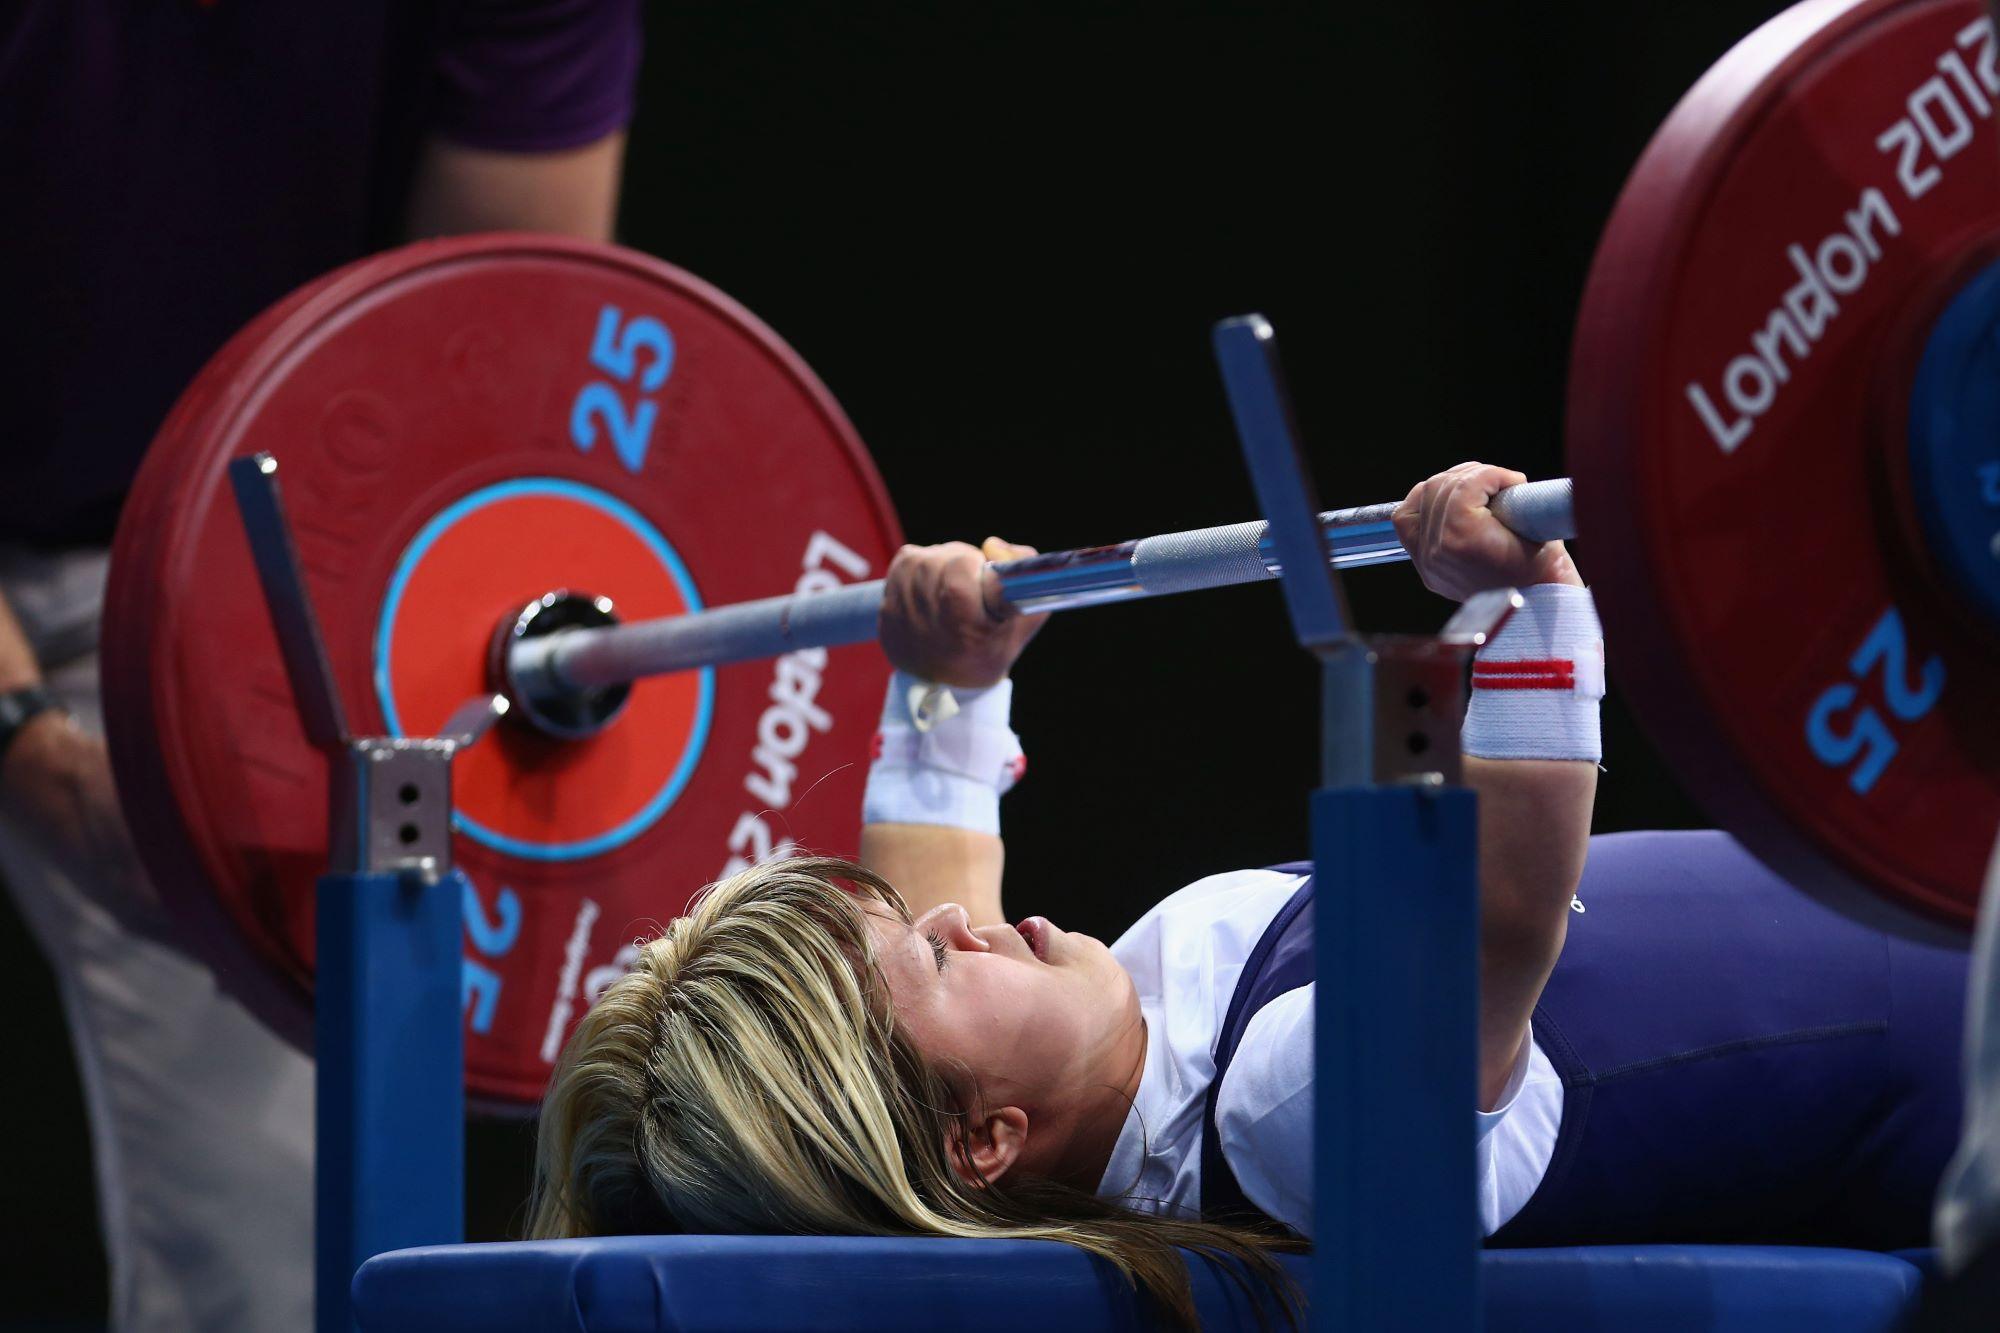 Jeux Paralympiques deLondres 2012, la britannique Zoe Newson s'apprê à soulever une barre et à remporter la médaille de bronze dans la atégorie -40kg